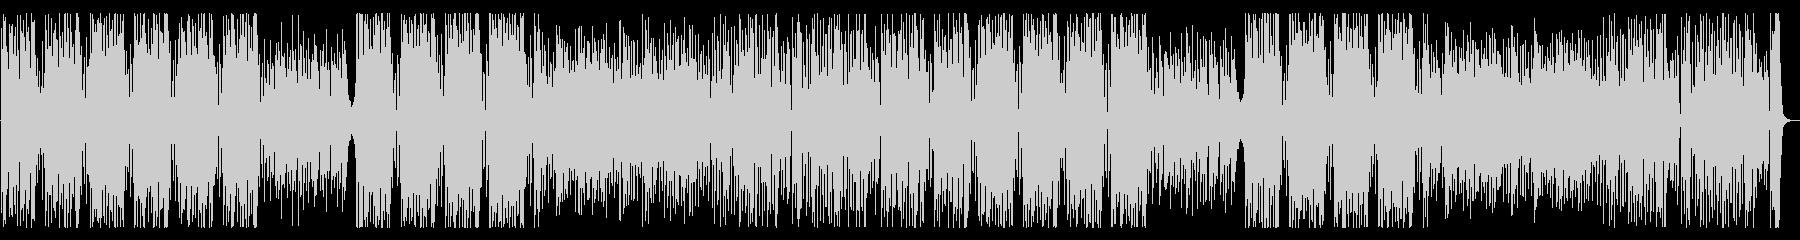 みずみずしい ジャズ ウッドベースリフの未再生の波形